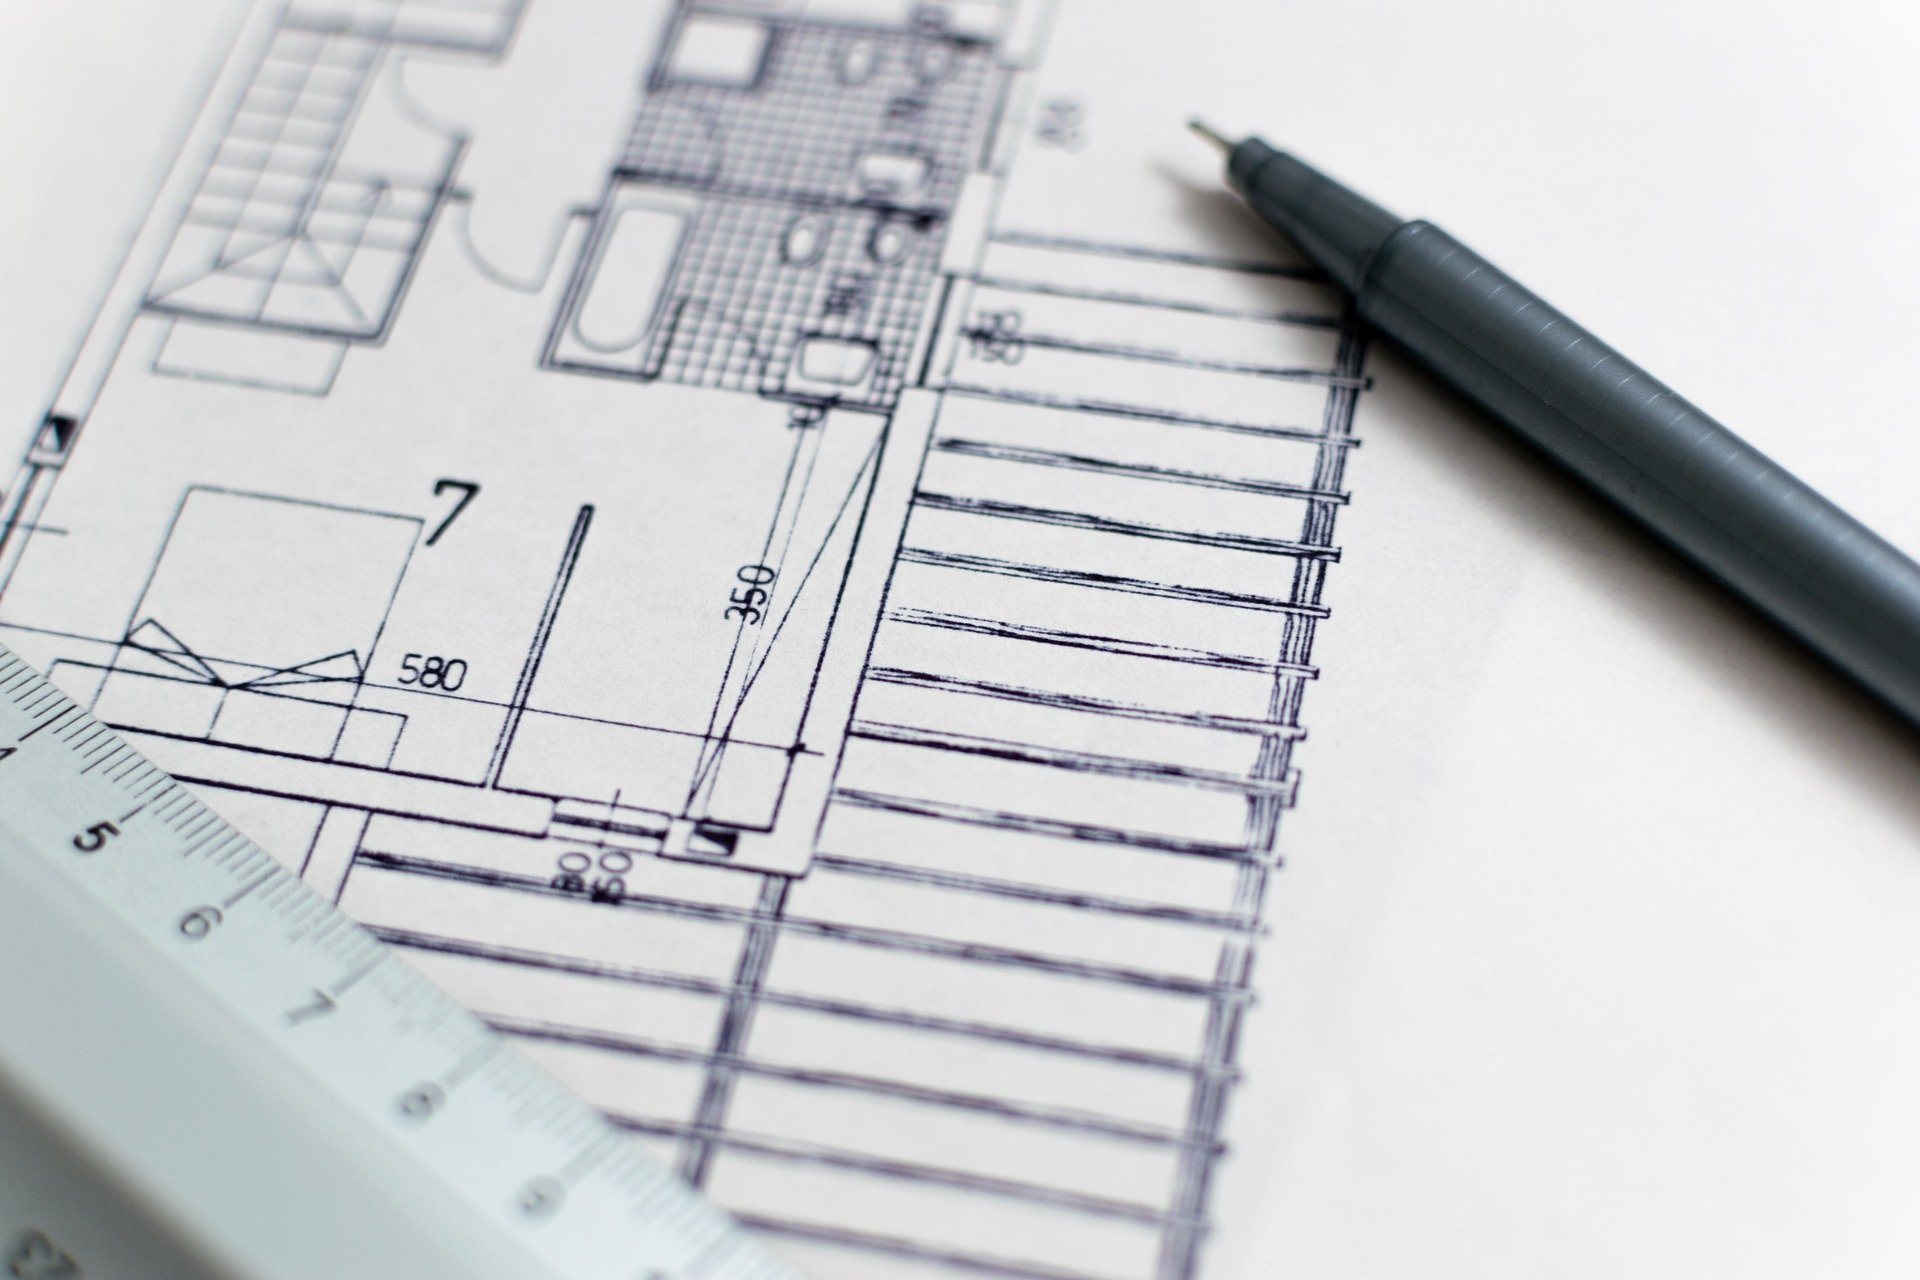 Constructions et urbanisme Finhaut